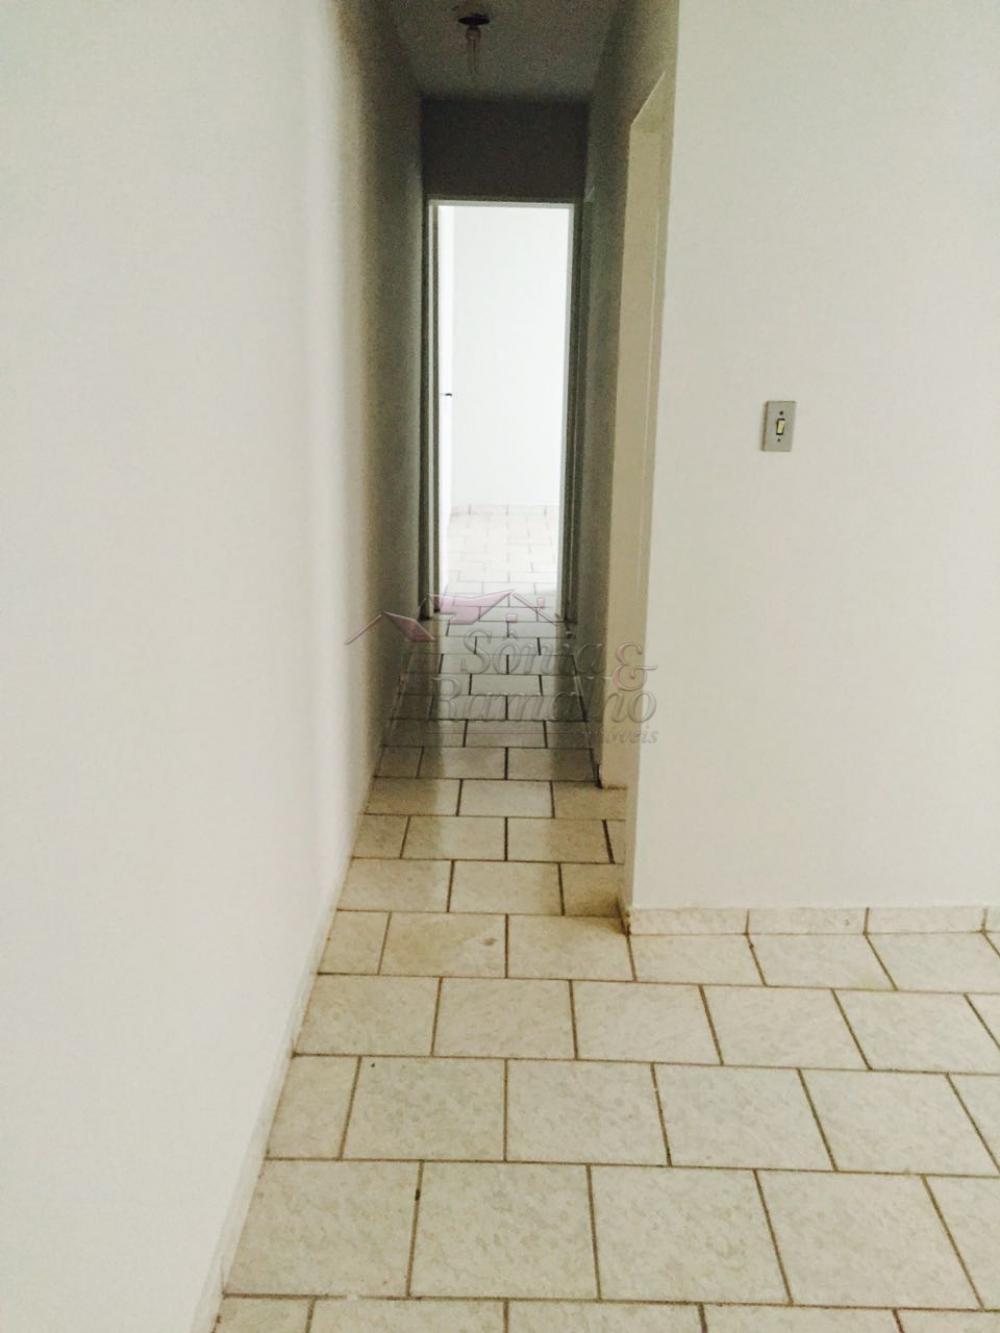 Comprar Apartamentos / Padrão em Ribeirão Preto apenas R$ 100.000,00 - Foto 4